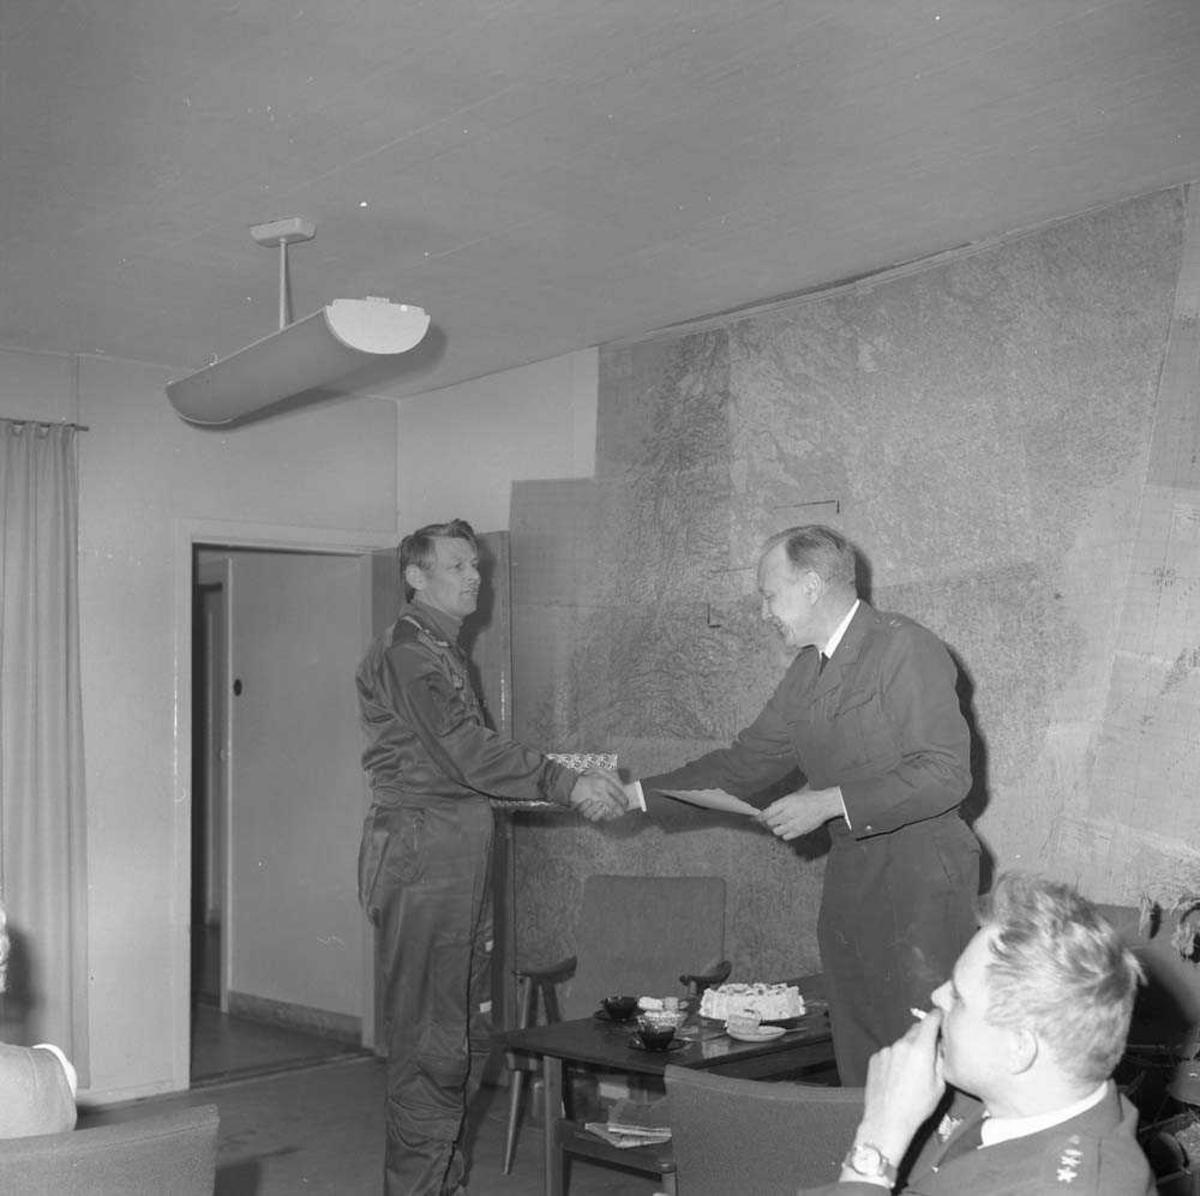 Løytnant Finn Bøe, Operasjonsgruppen, Bodø flystasjon, sees i midten og mottar gave av Oberstløytnant Alf Granviken. Sittende til høyre sees Kaptein Jan Erik Lie.